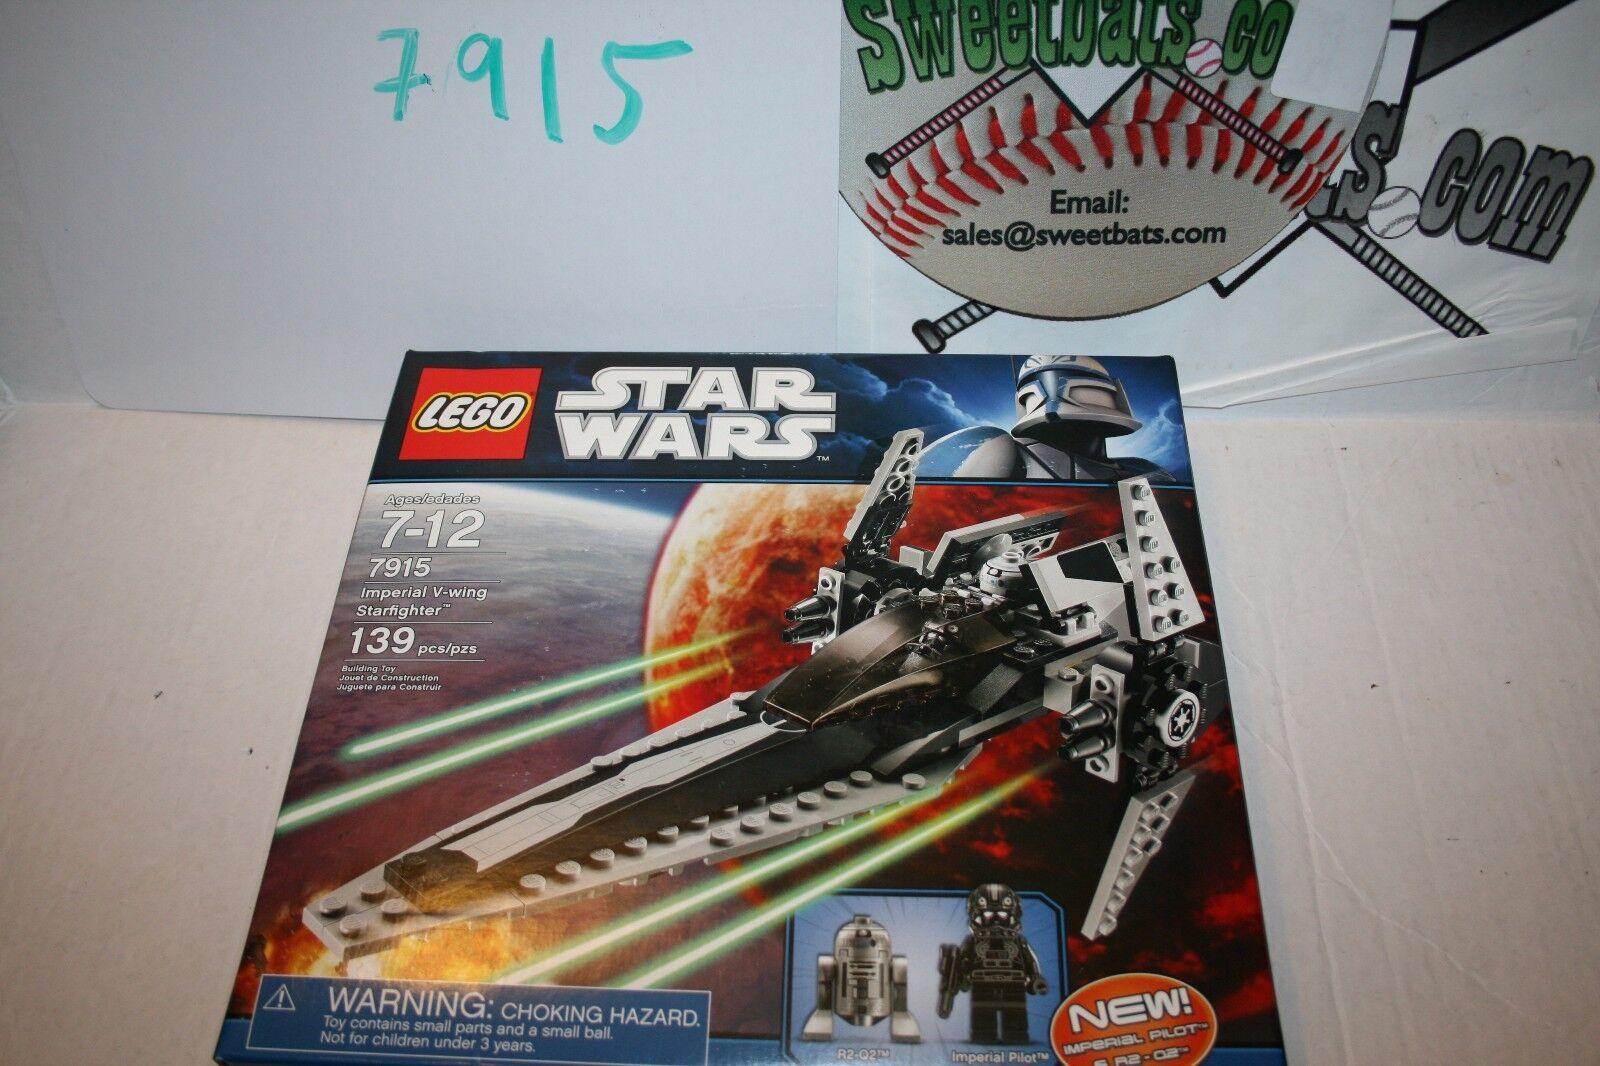 RETIrosso LEGO estrella guerras 7915 Imperial V  Wing estrellacombatiente nuovo NIB R2 D2 139 pieces  ti renderà soddisfatto